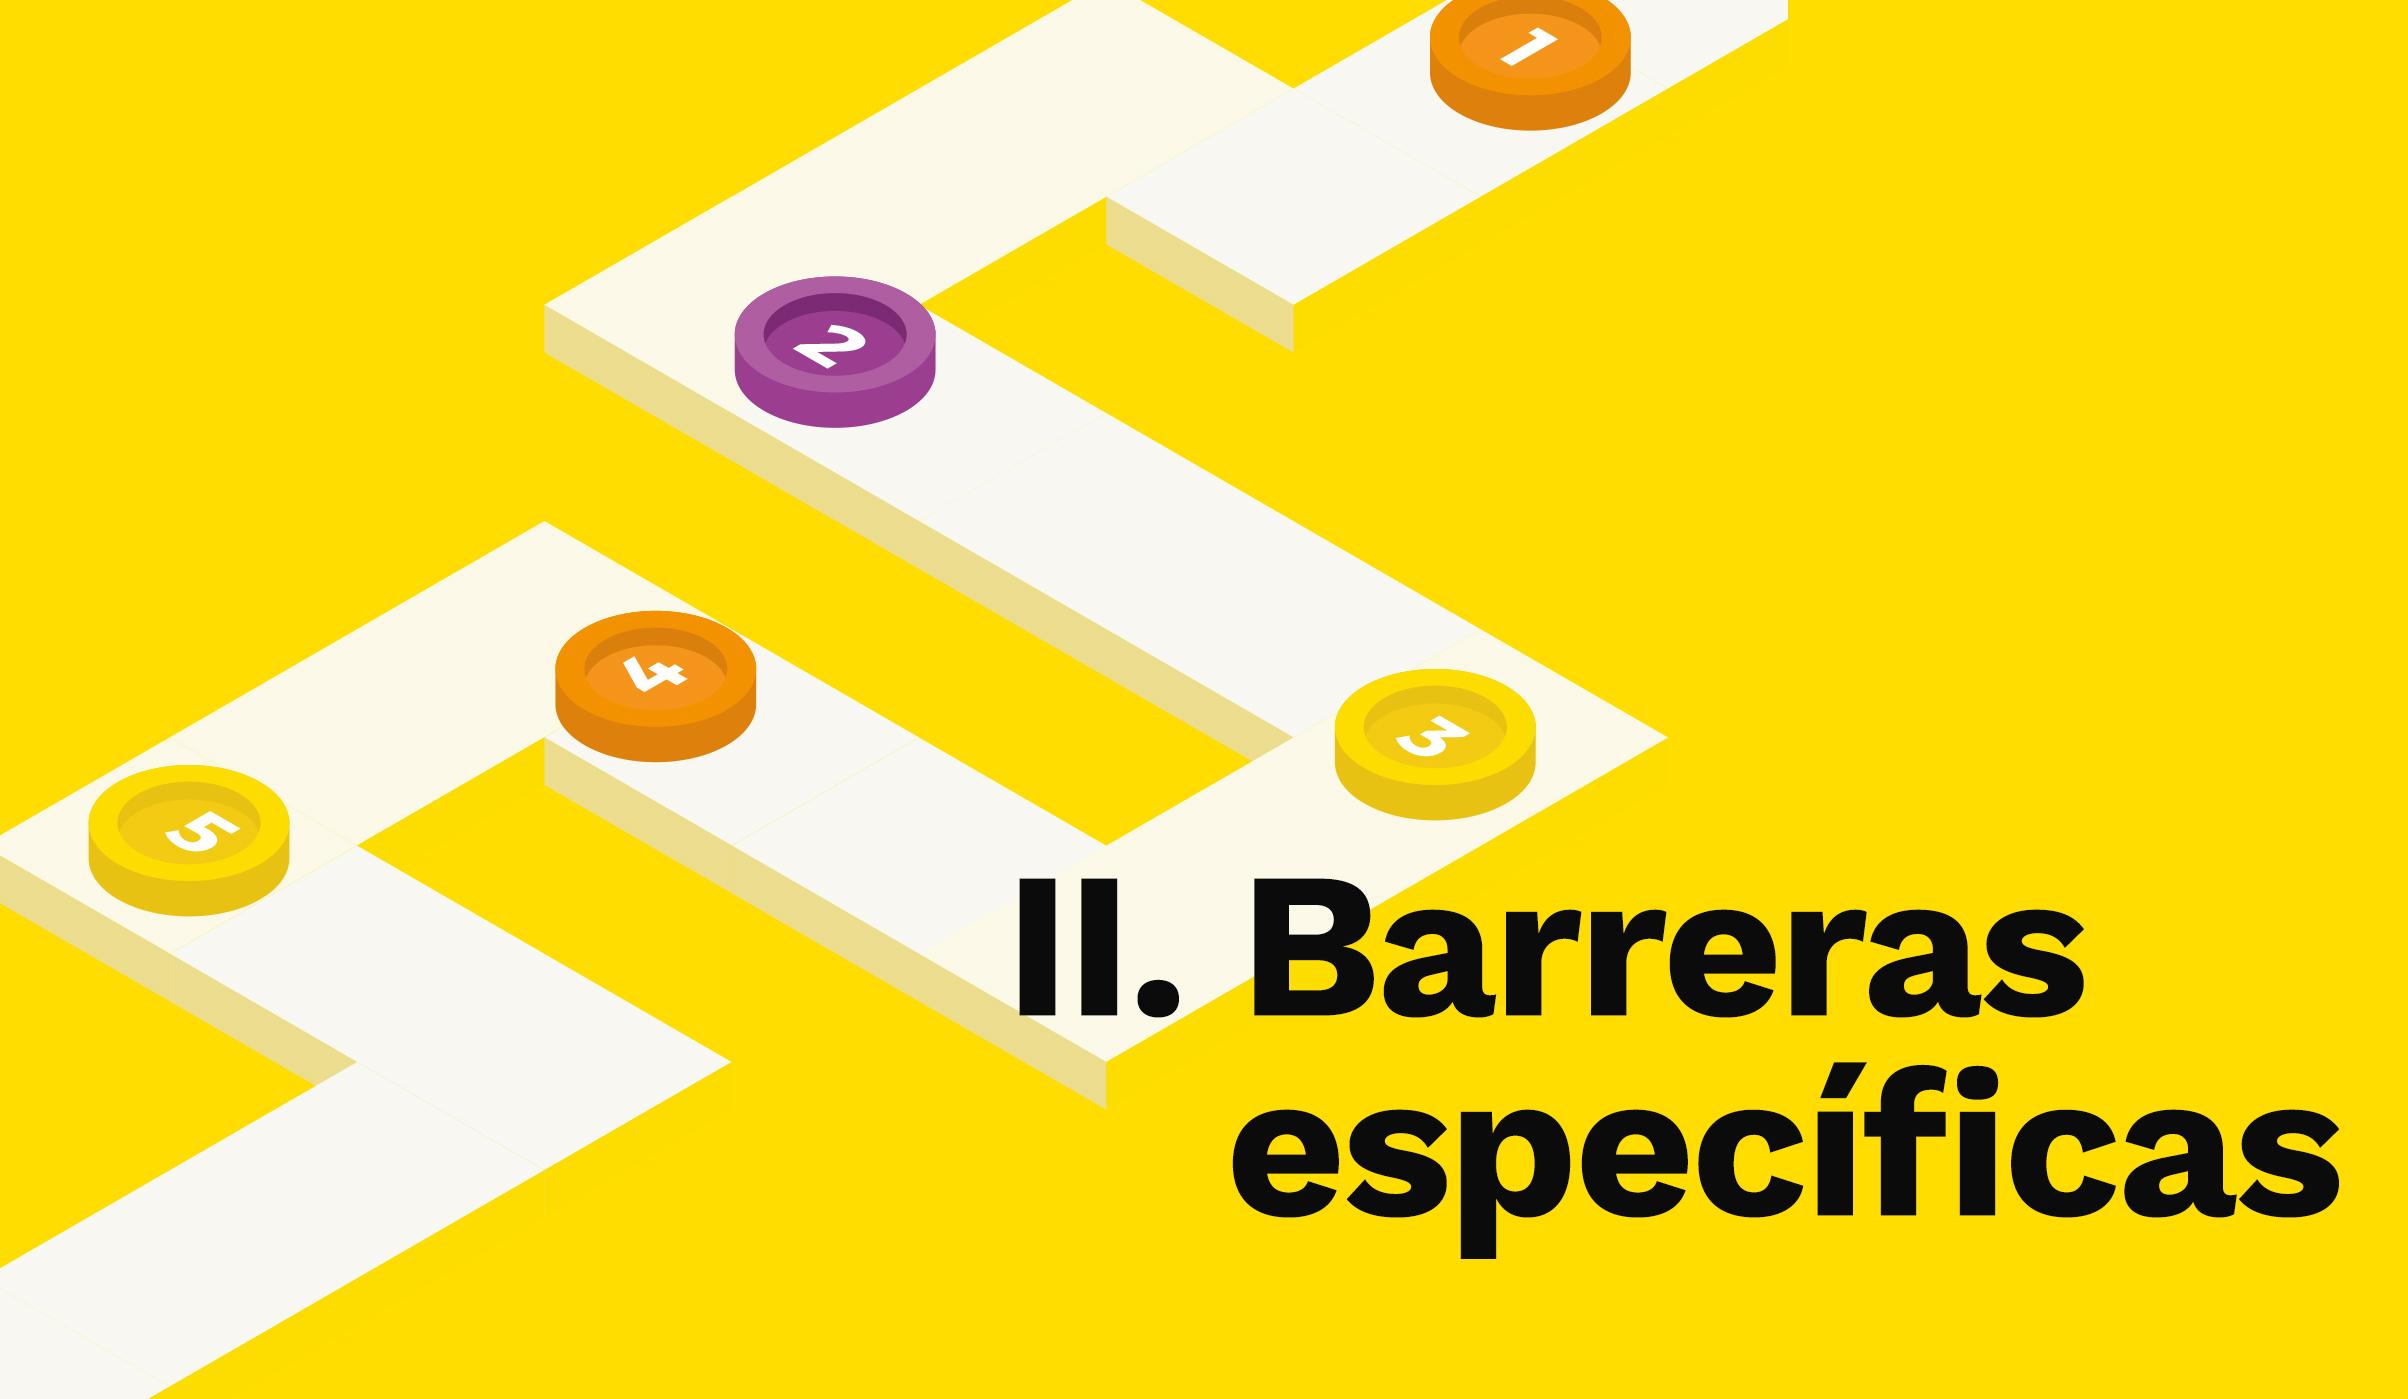 Barreras específicas